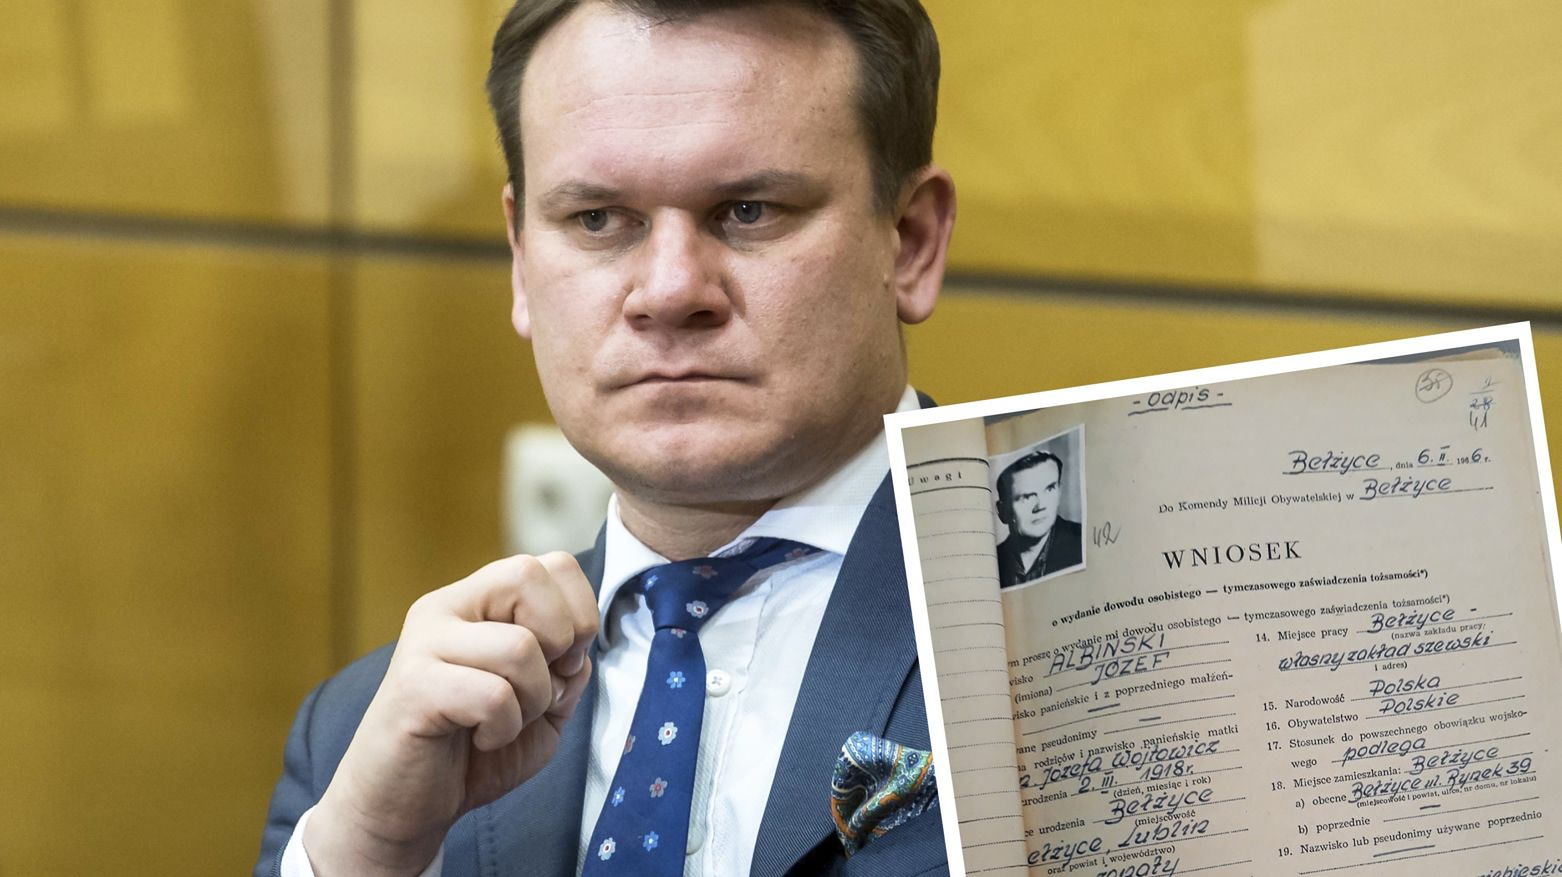 Dominik Tarczyński opublikował informacje na temat dziadka. Sprawdziliśmy je w IPN